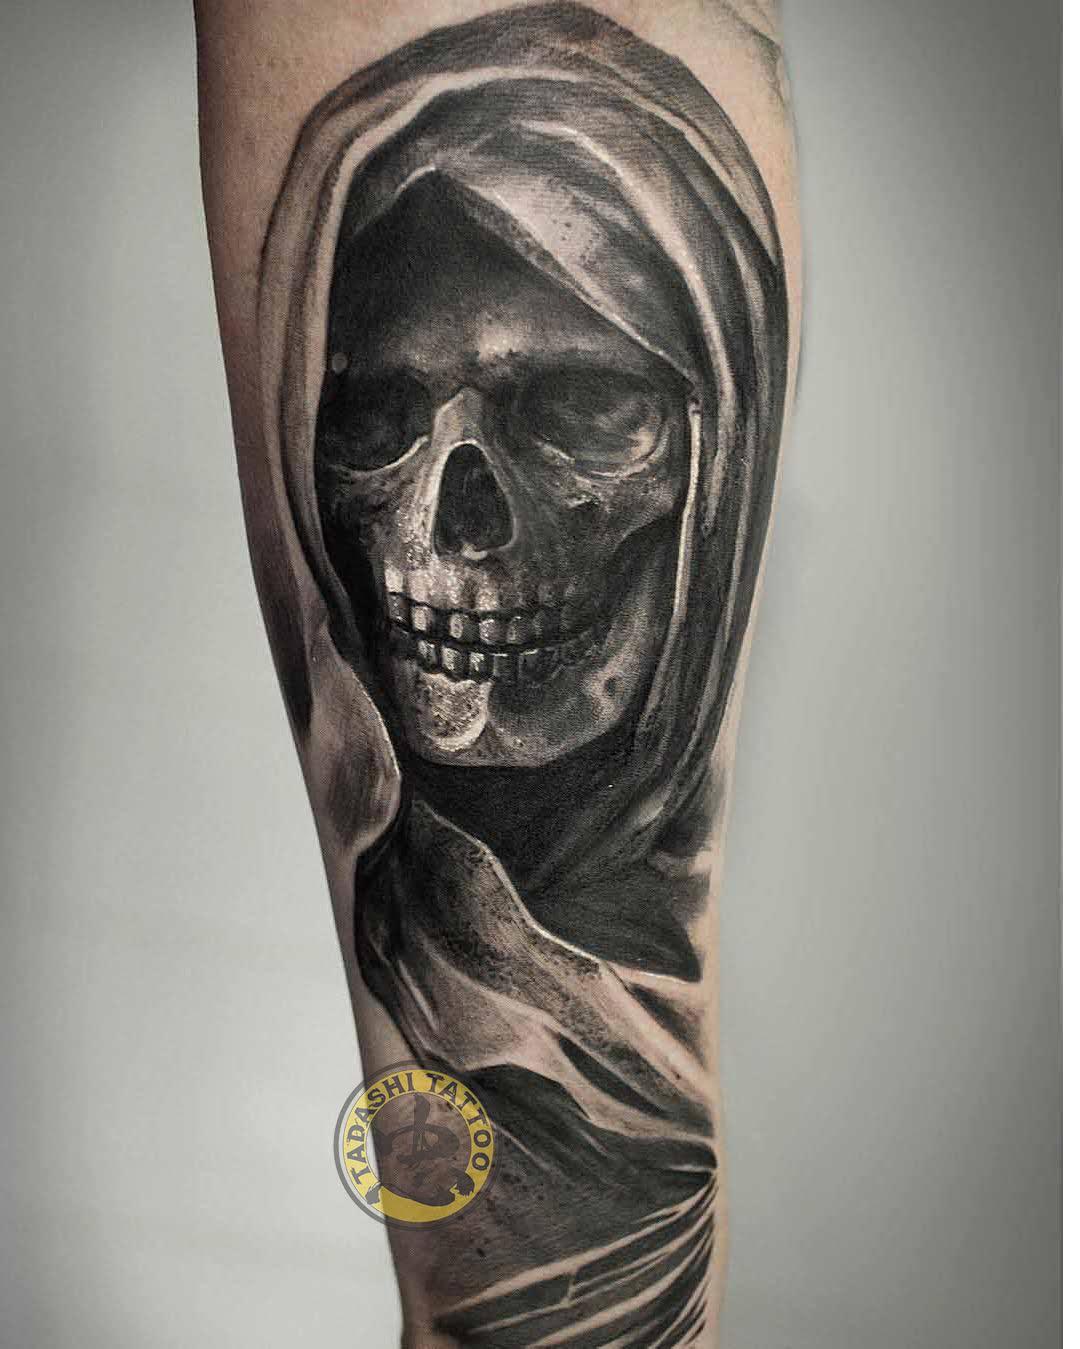 Hình xăm thần chết với đường nét tinh tế, sắc sảo tại cánh tay